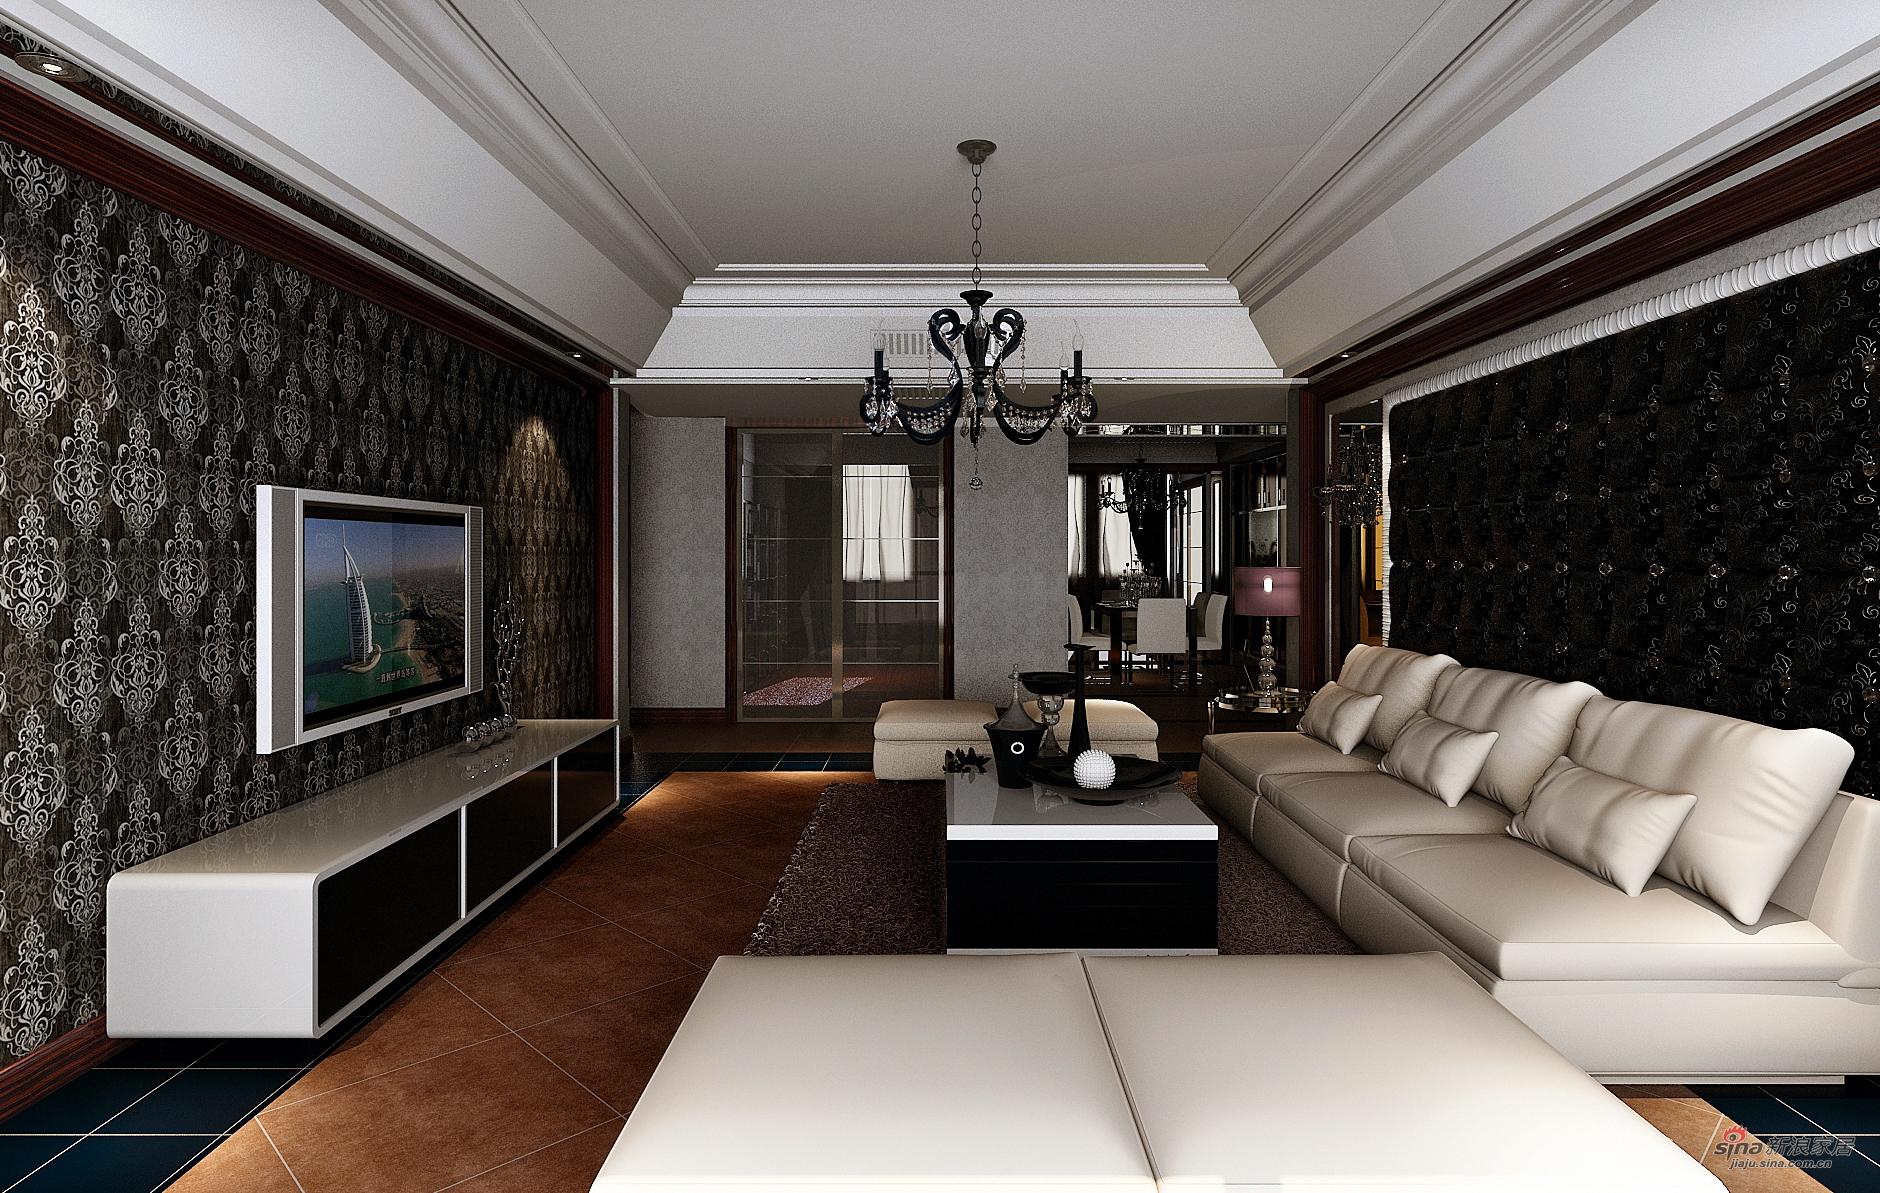 其他 四居 客厅图片来自用户2557963305在把感情融入的家装风格37的分享